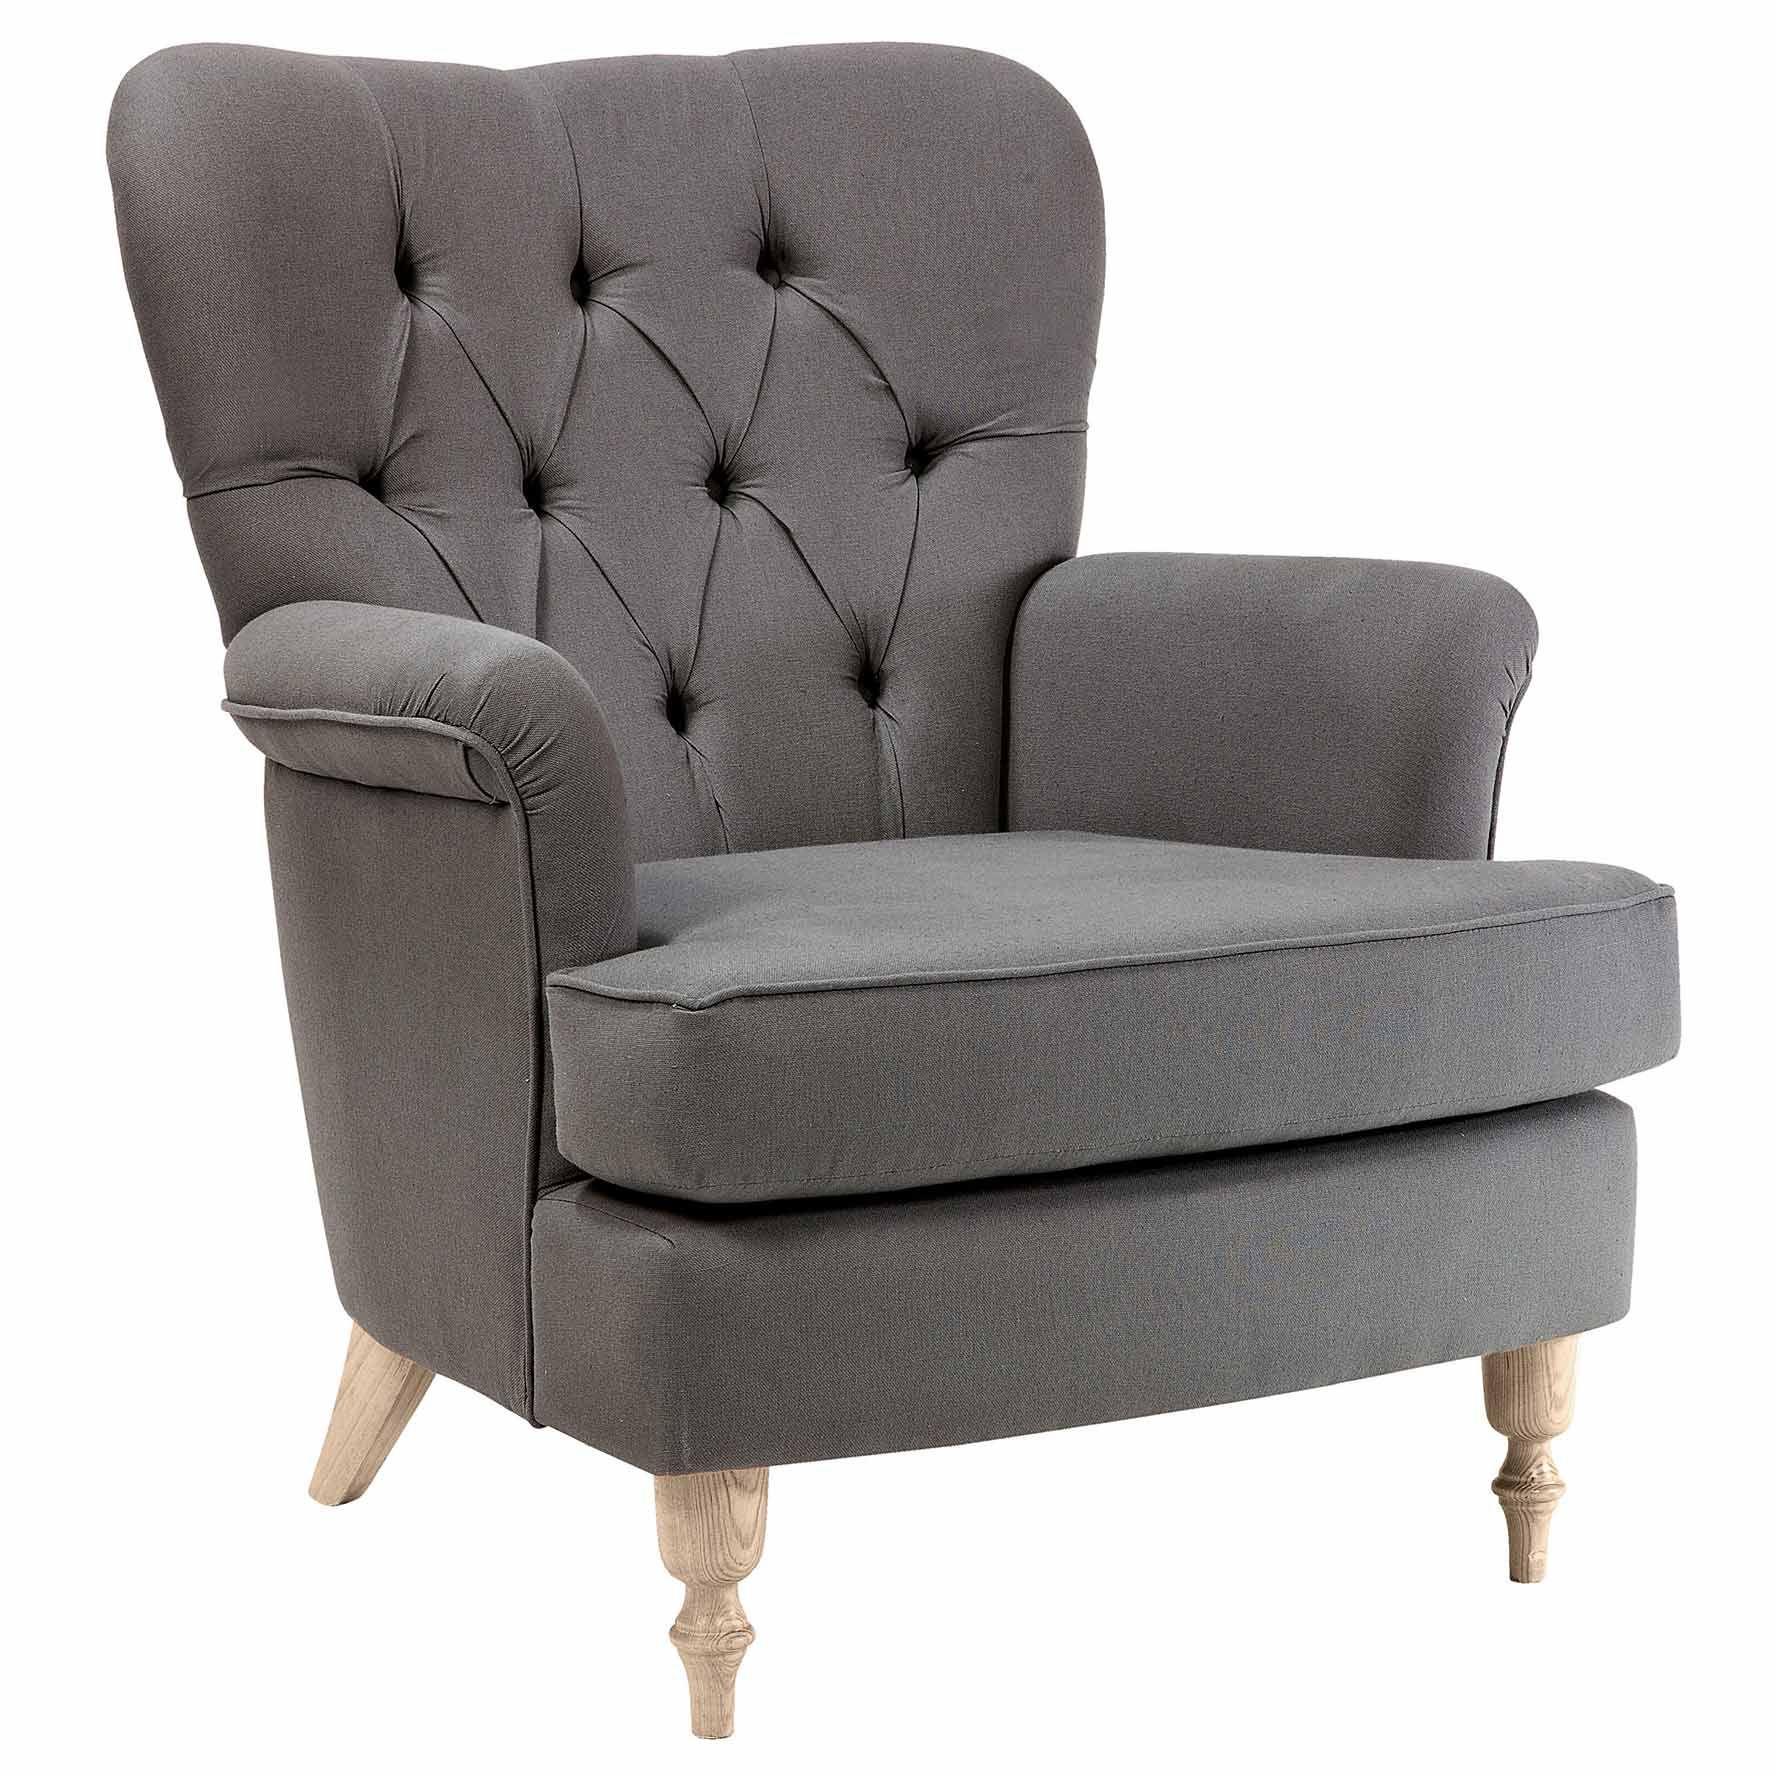 fauteuil tissu dossier capitonn avec pieds bois demeure comptoir de famille au salon. Black Bedroom Furniture Sets. Home Design Ideas